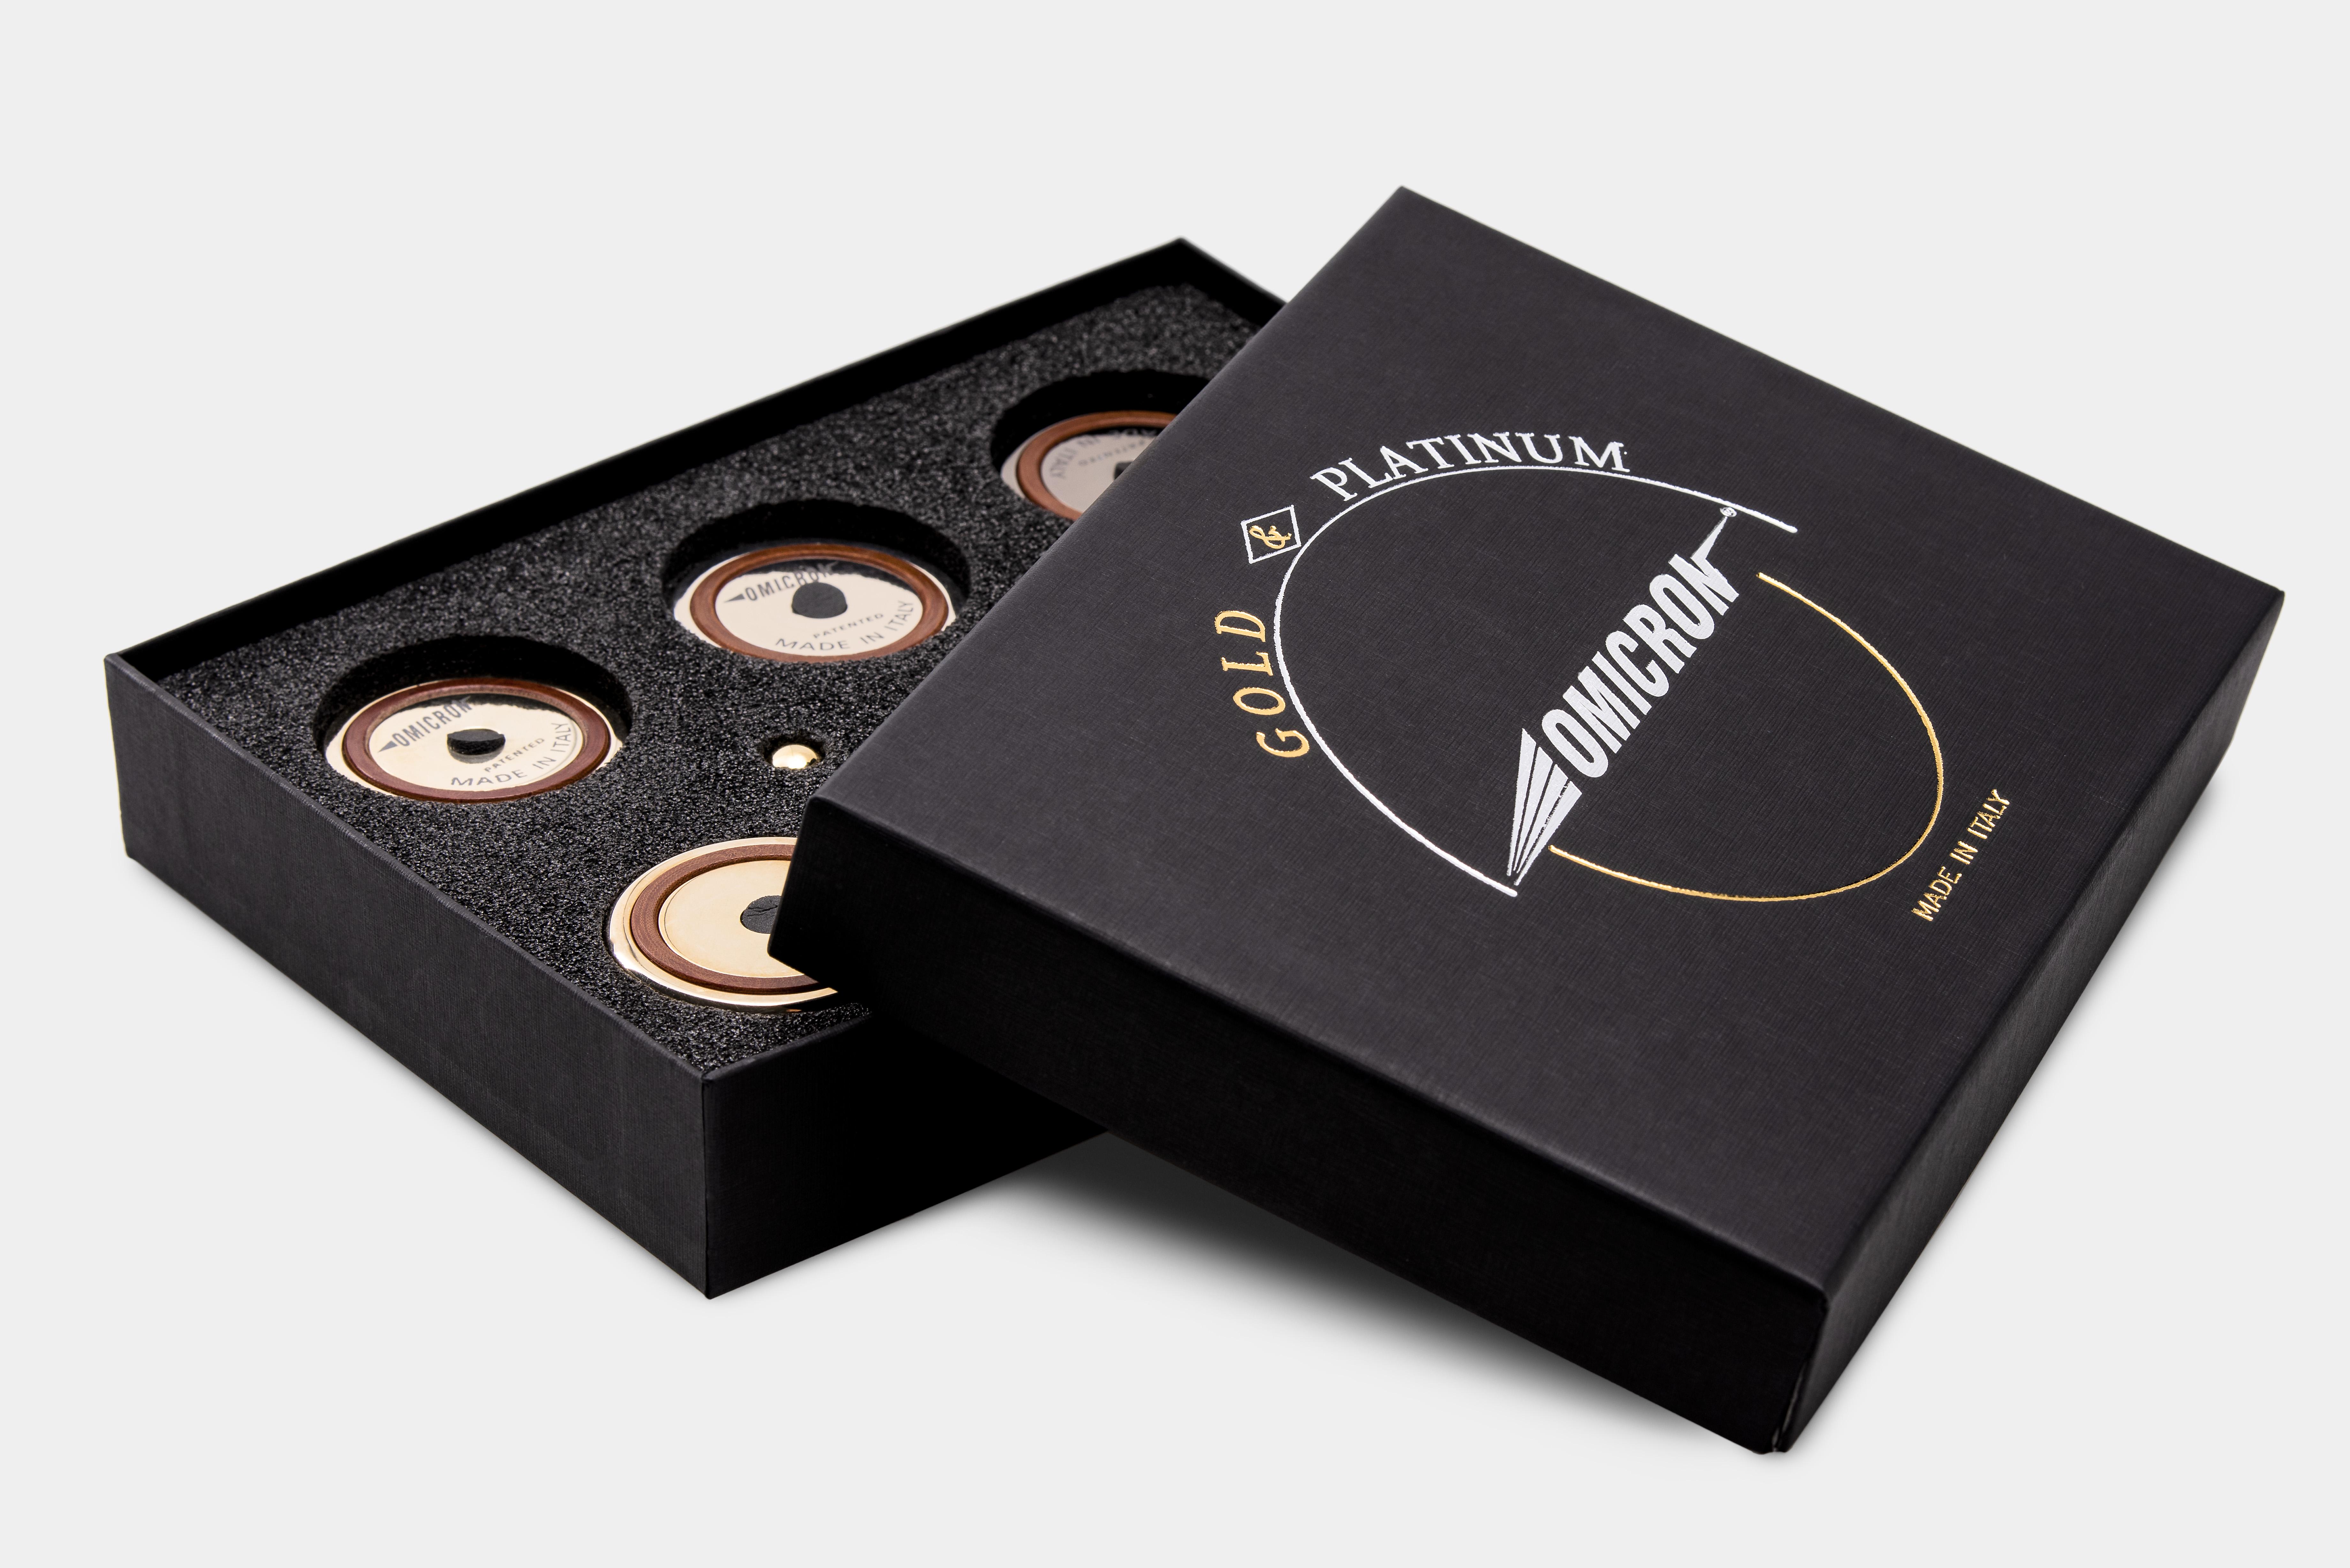 Picioare decuplare Omicron Magic Dream Classic Gold & Platinum 2